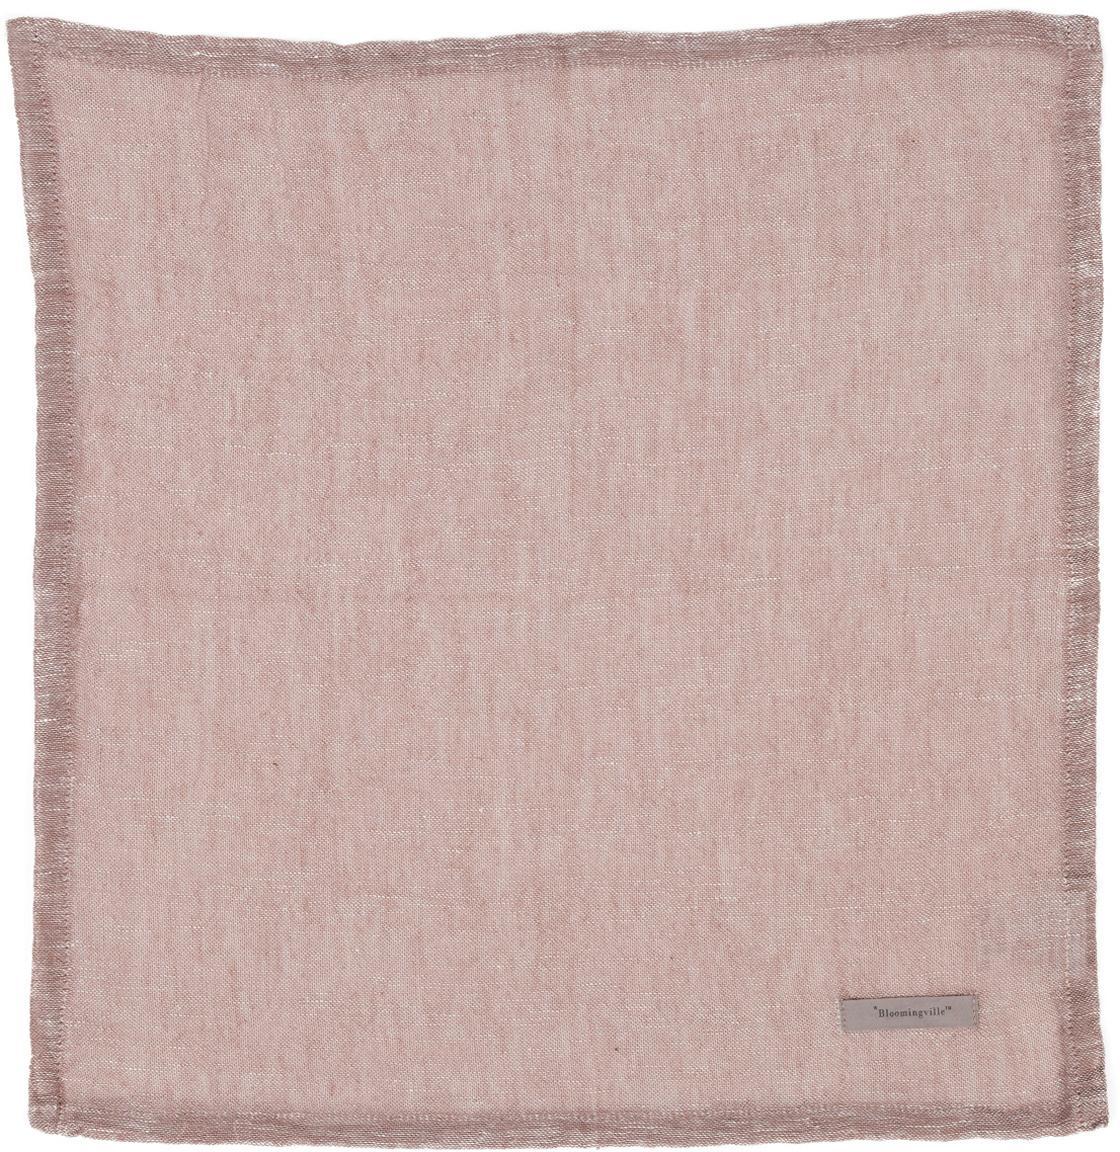 Servilletas de lino Kinia, 4uds., 55%algodón, 45%lino, Rosa palo, An 45 x L 45cm